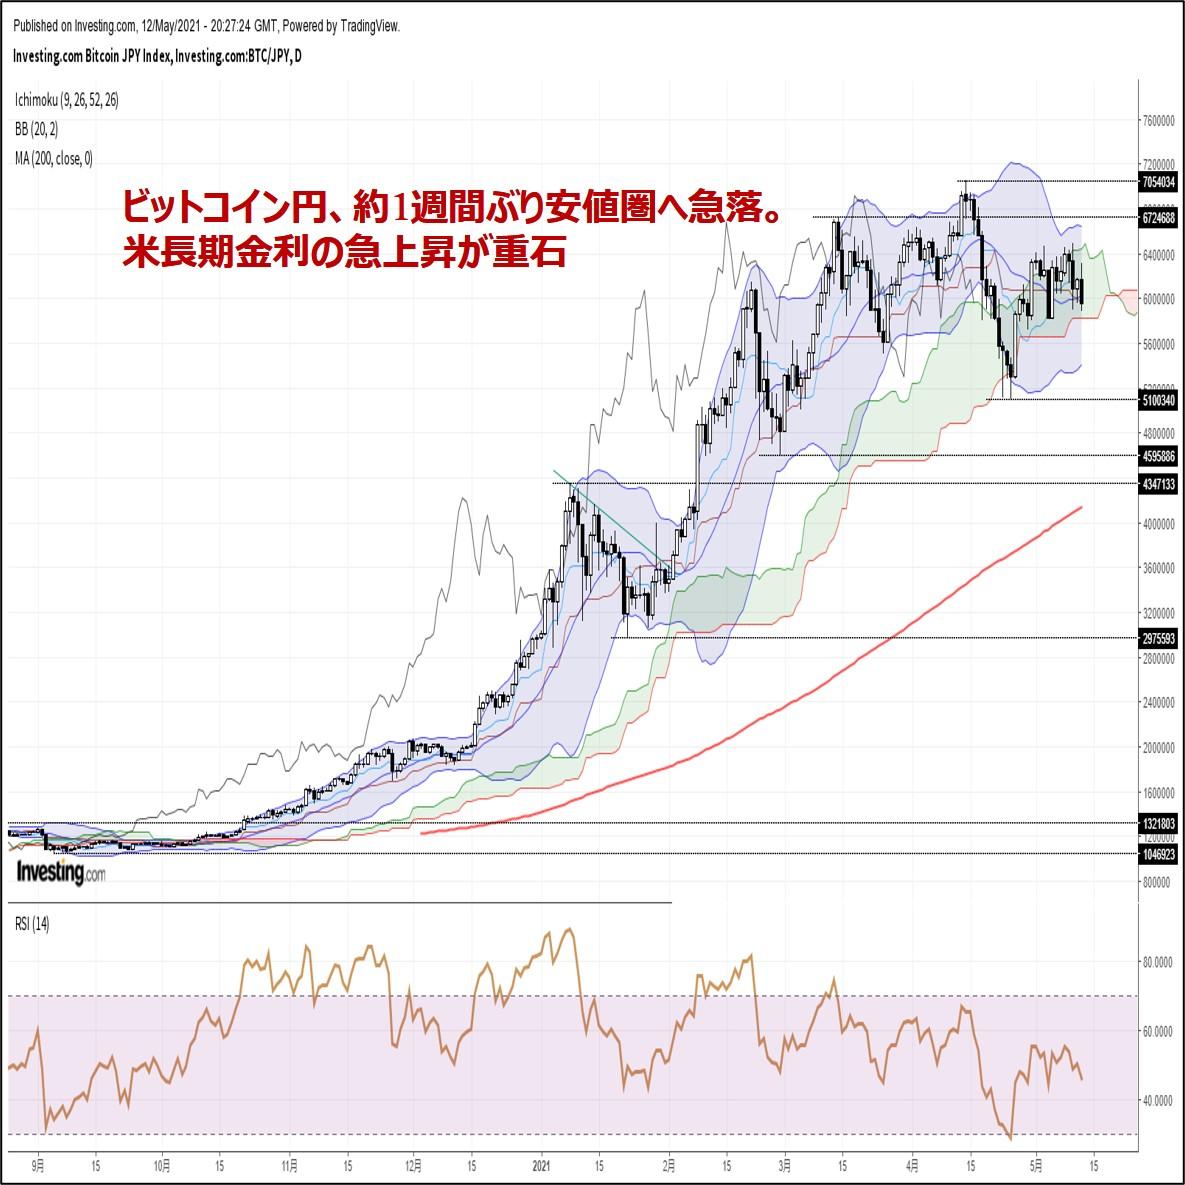 ビットコイン円、約1週間ぶり安値圏へ急落。米長期金利の急上昇が重石(5/13朝)